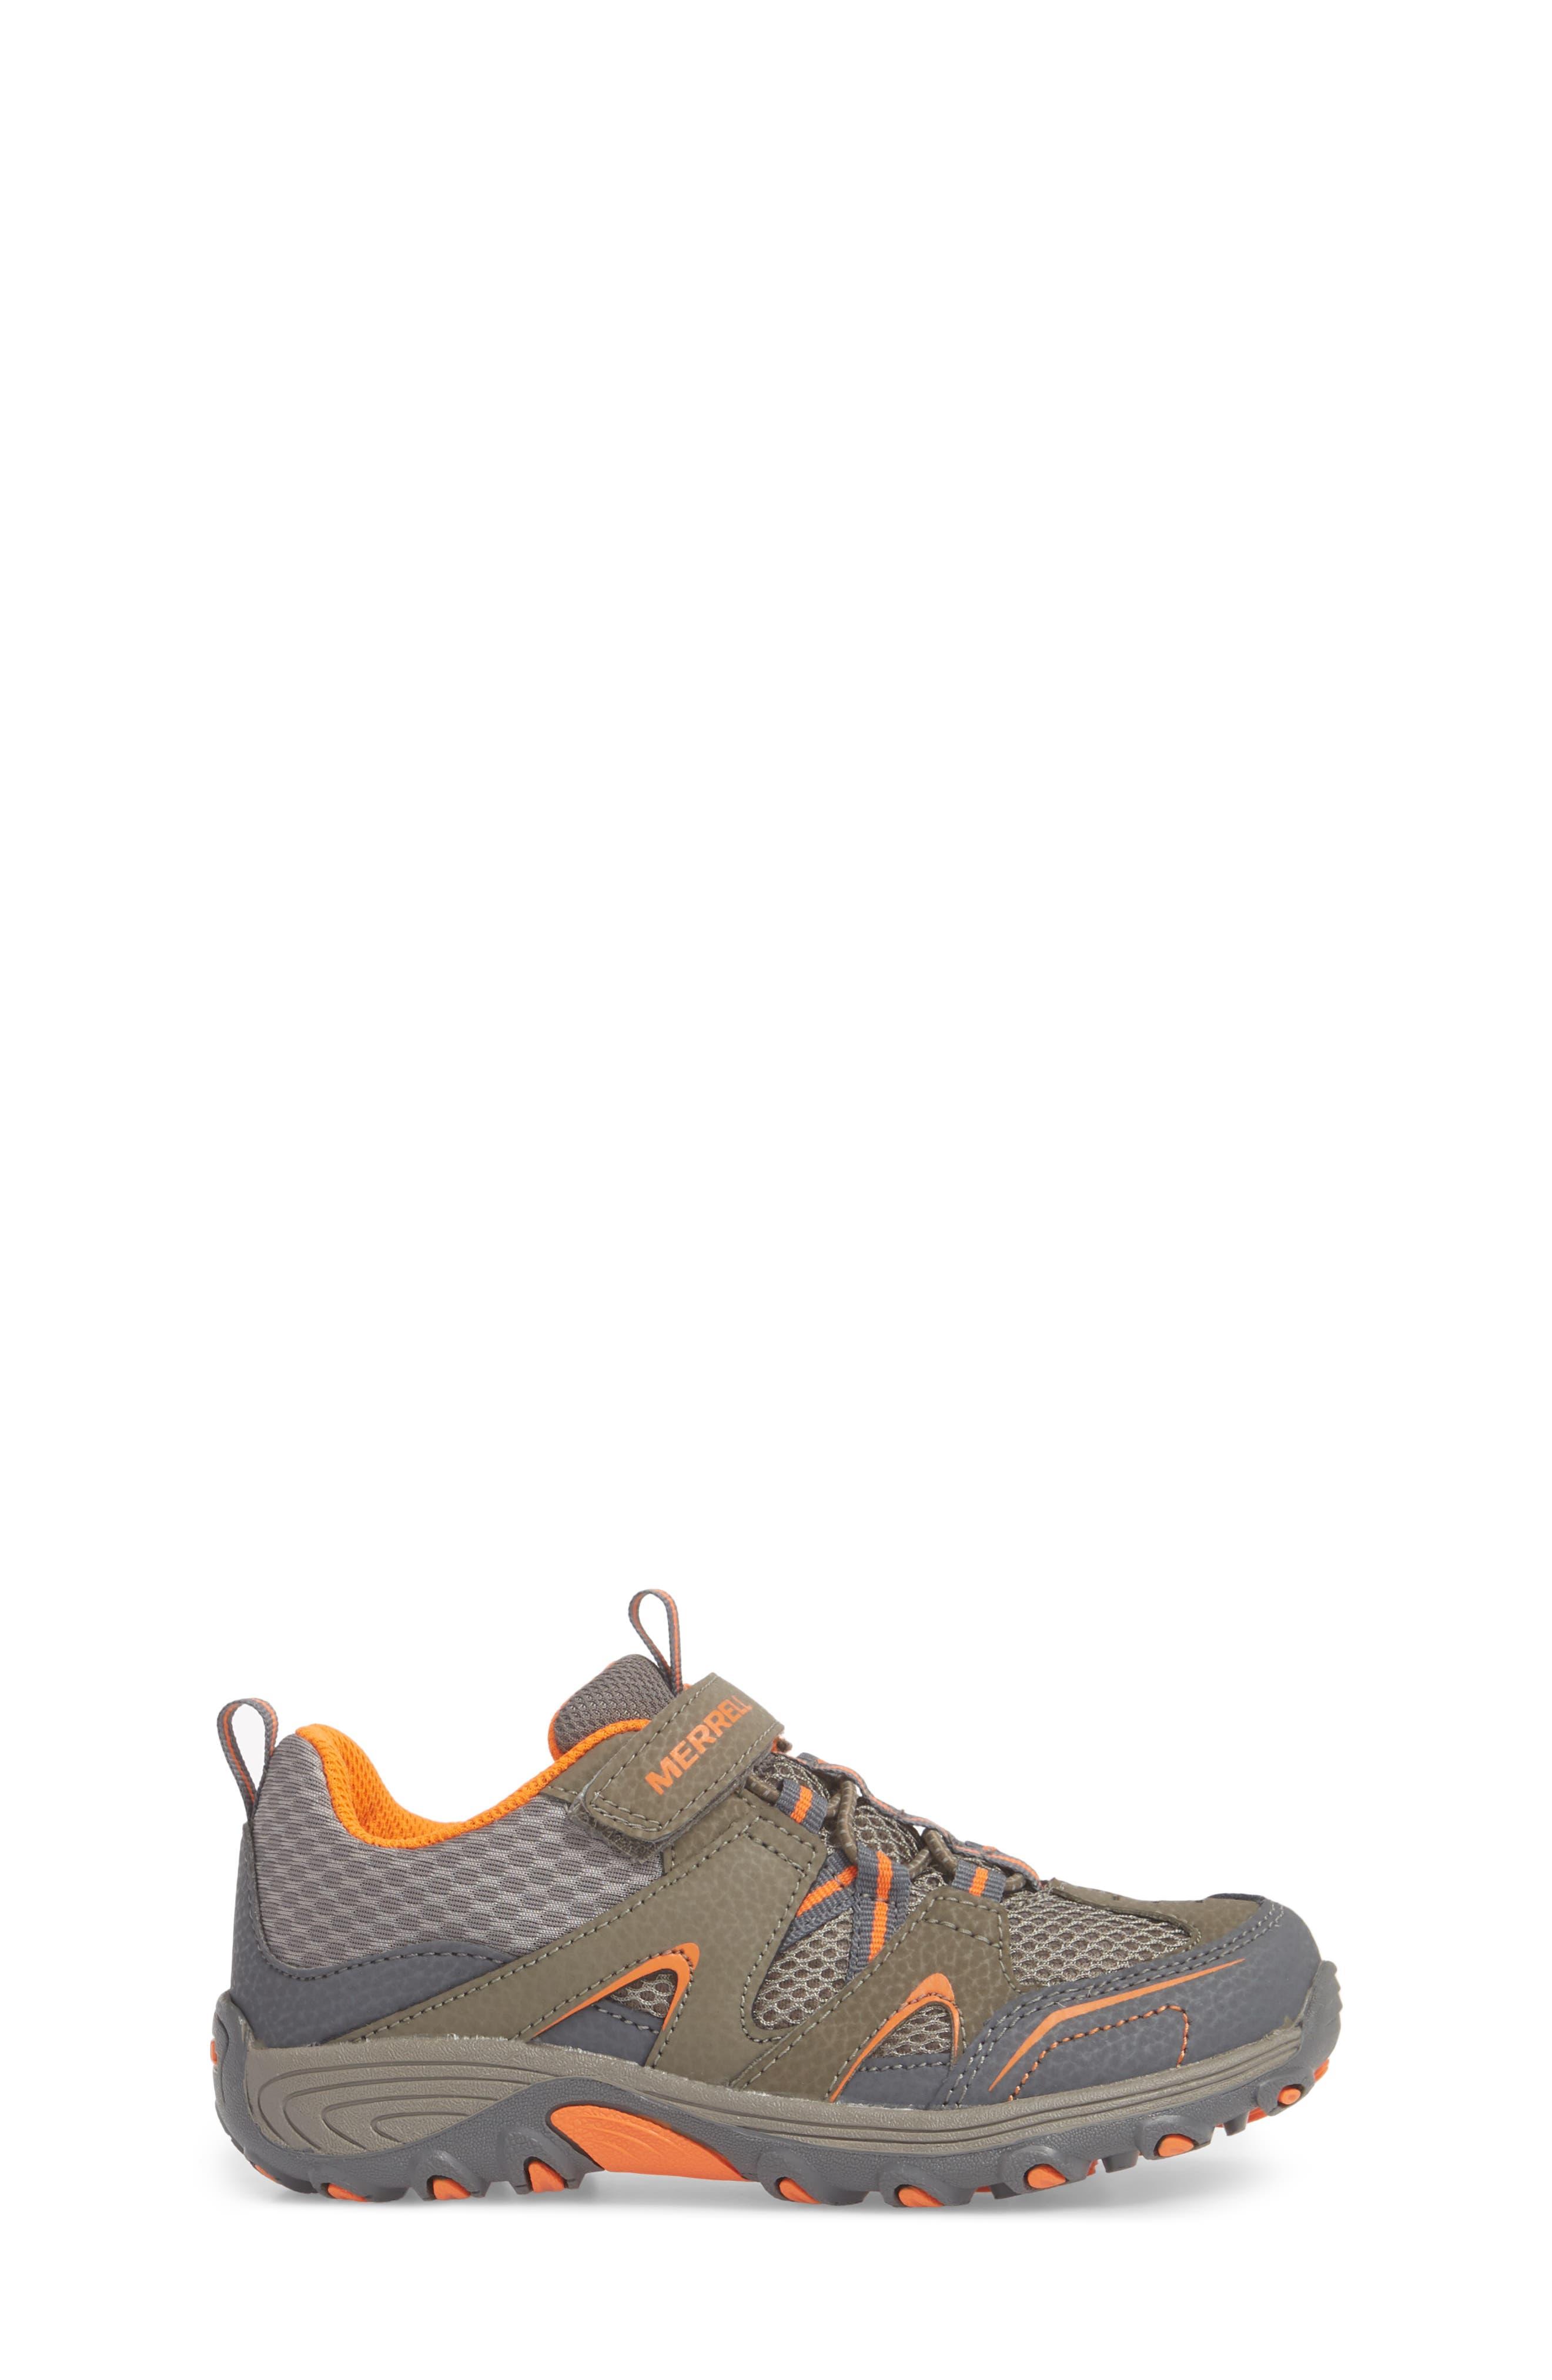 Trail Chaser Sneaker,                             Alternate thumbnail 4, color,                             Gunsmoke/ Orange